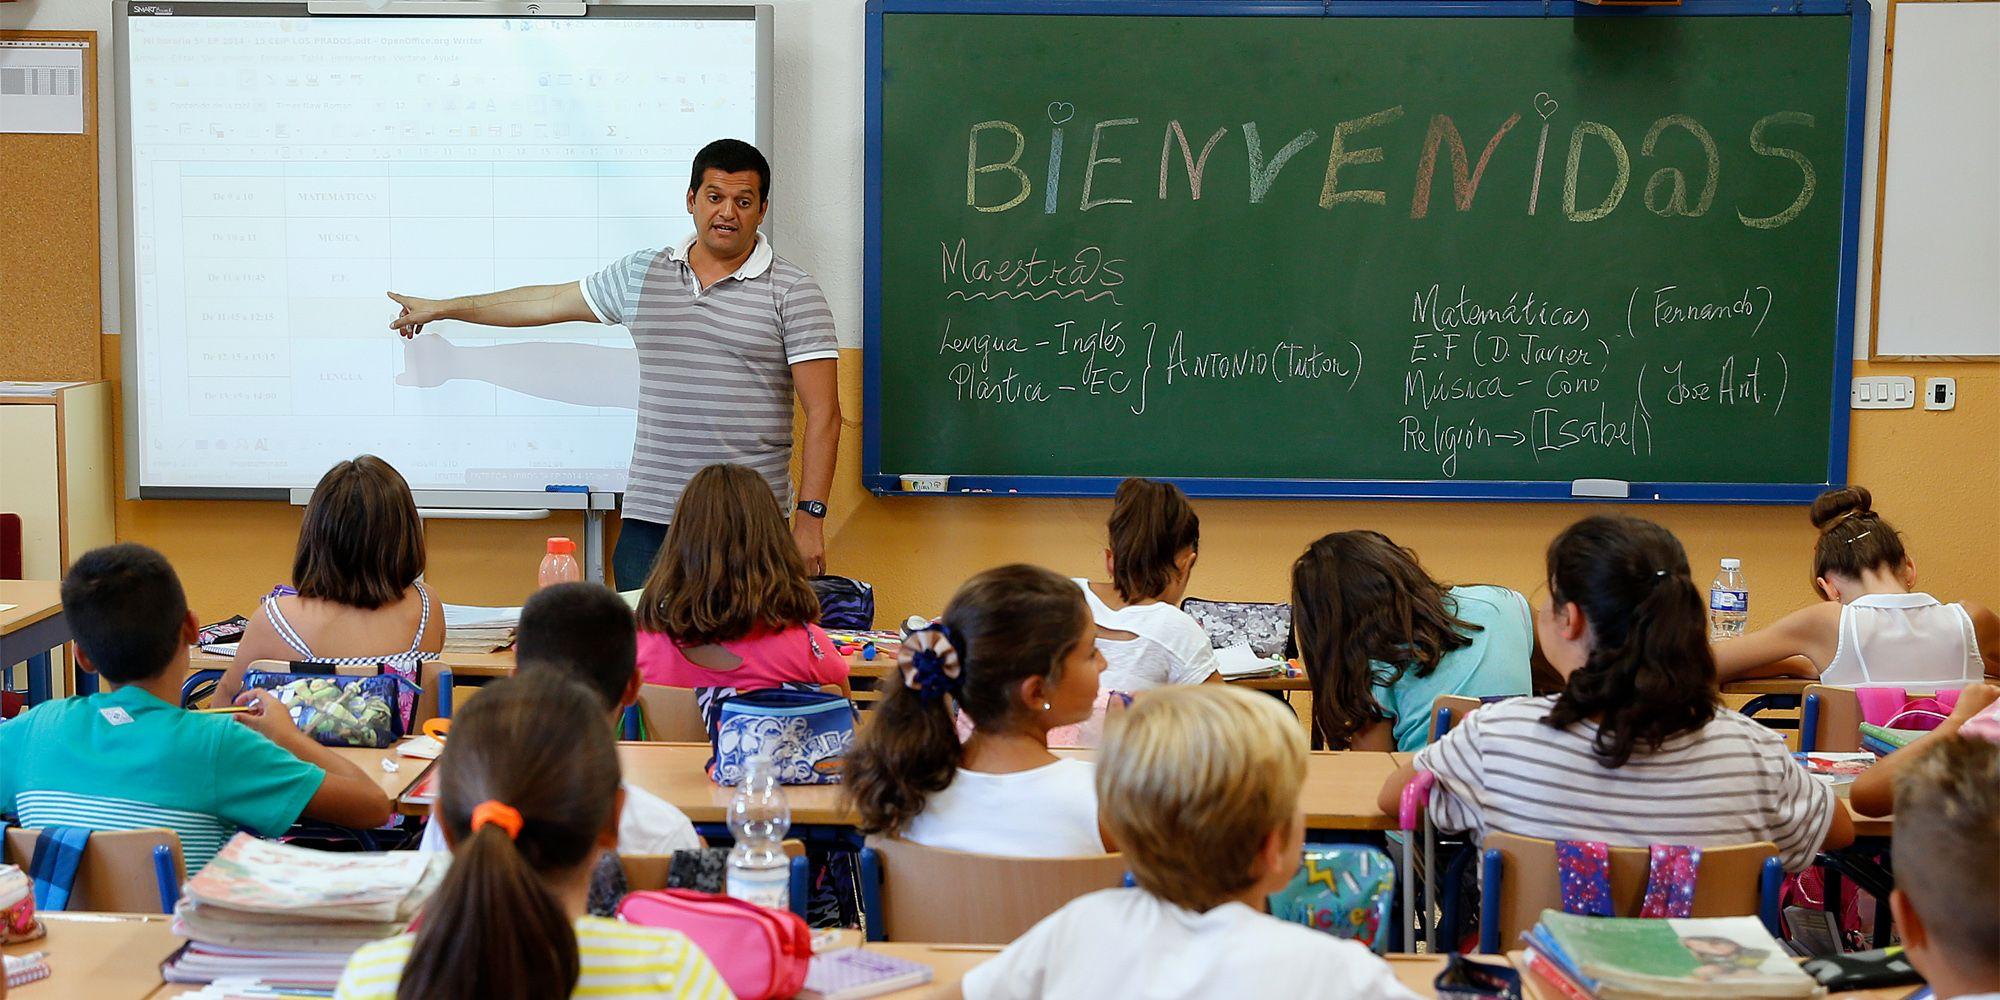 Alumnos en su vuelta a las aulas | Ñito Salas en Diario Sur